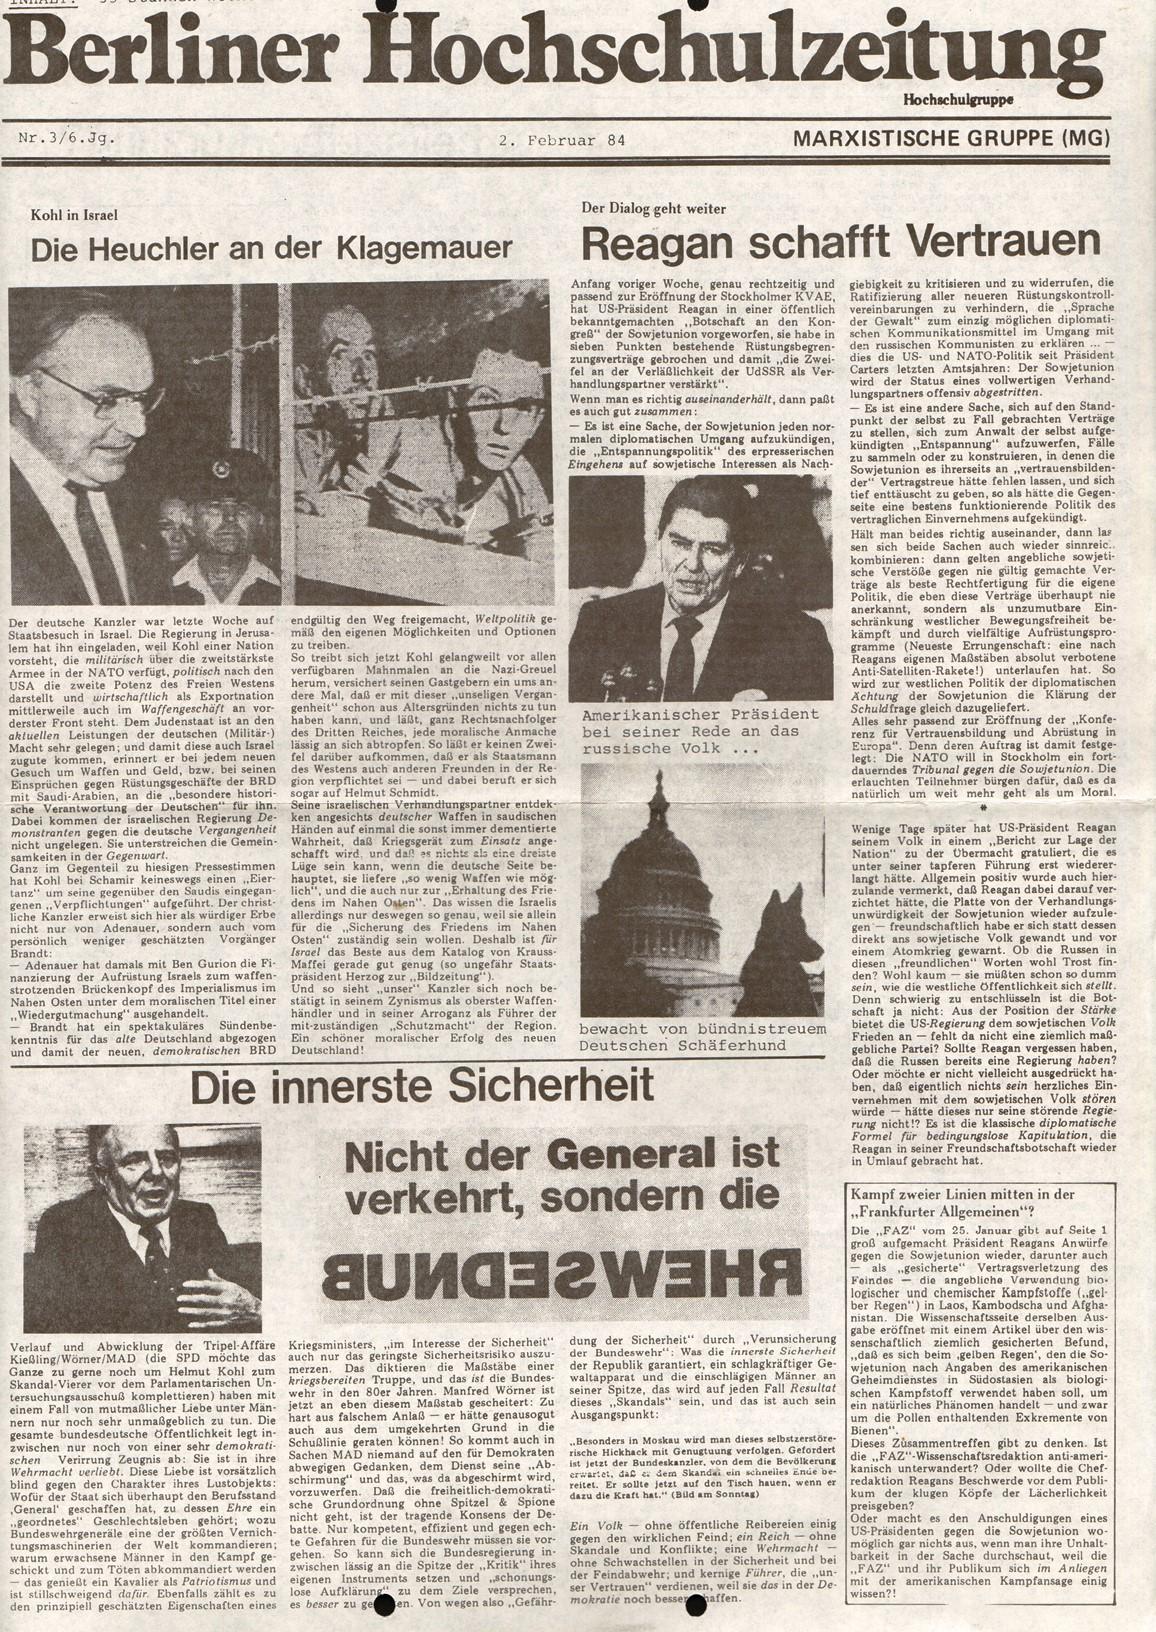 Berlin_MG_Hochschulzeitung_19840202_01